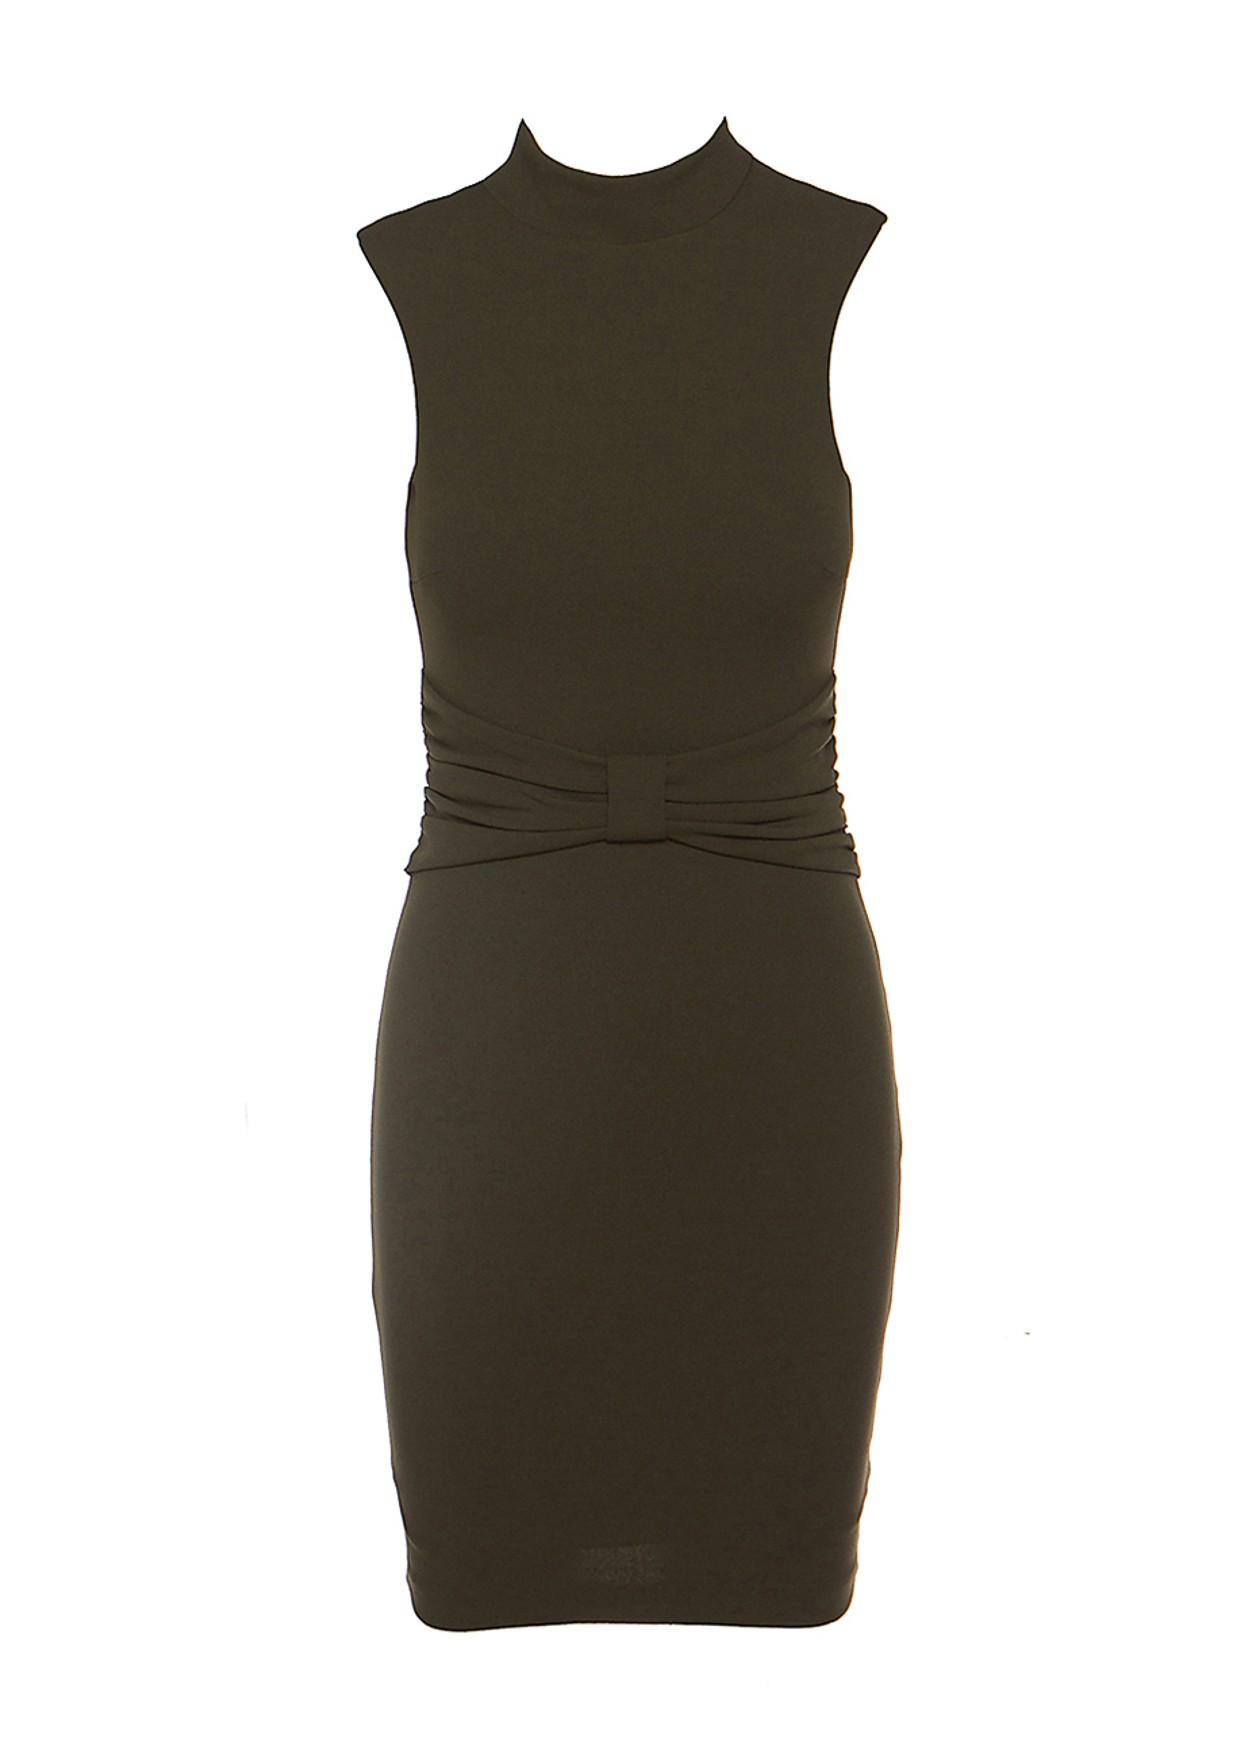 Φόρεμα με σχέδιο στη μέση